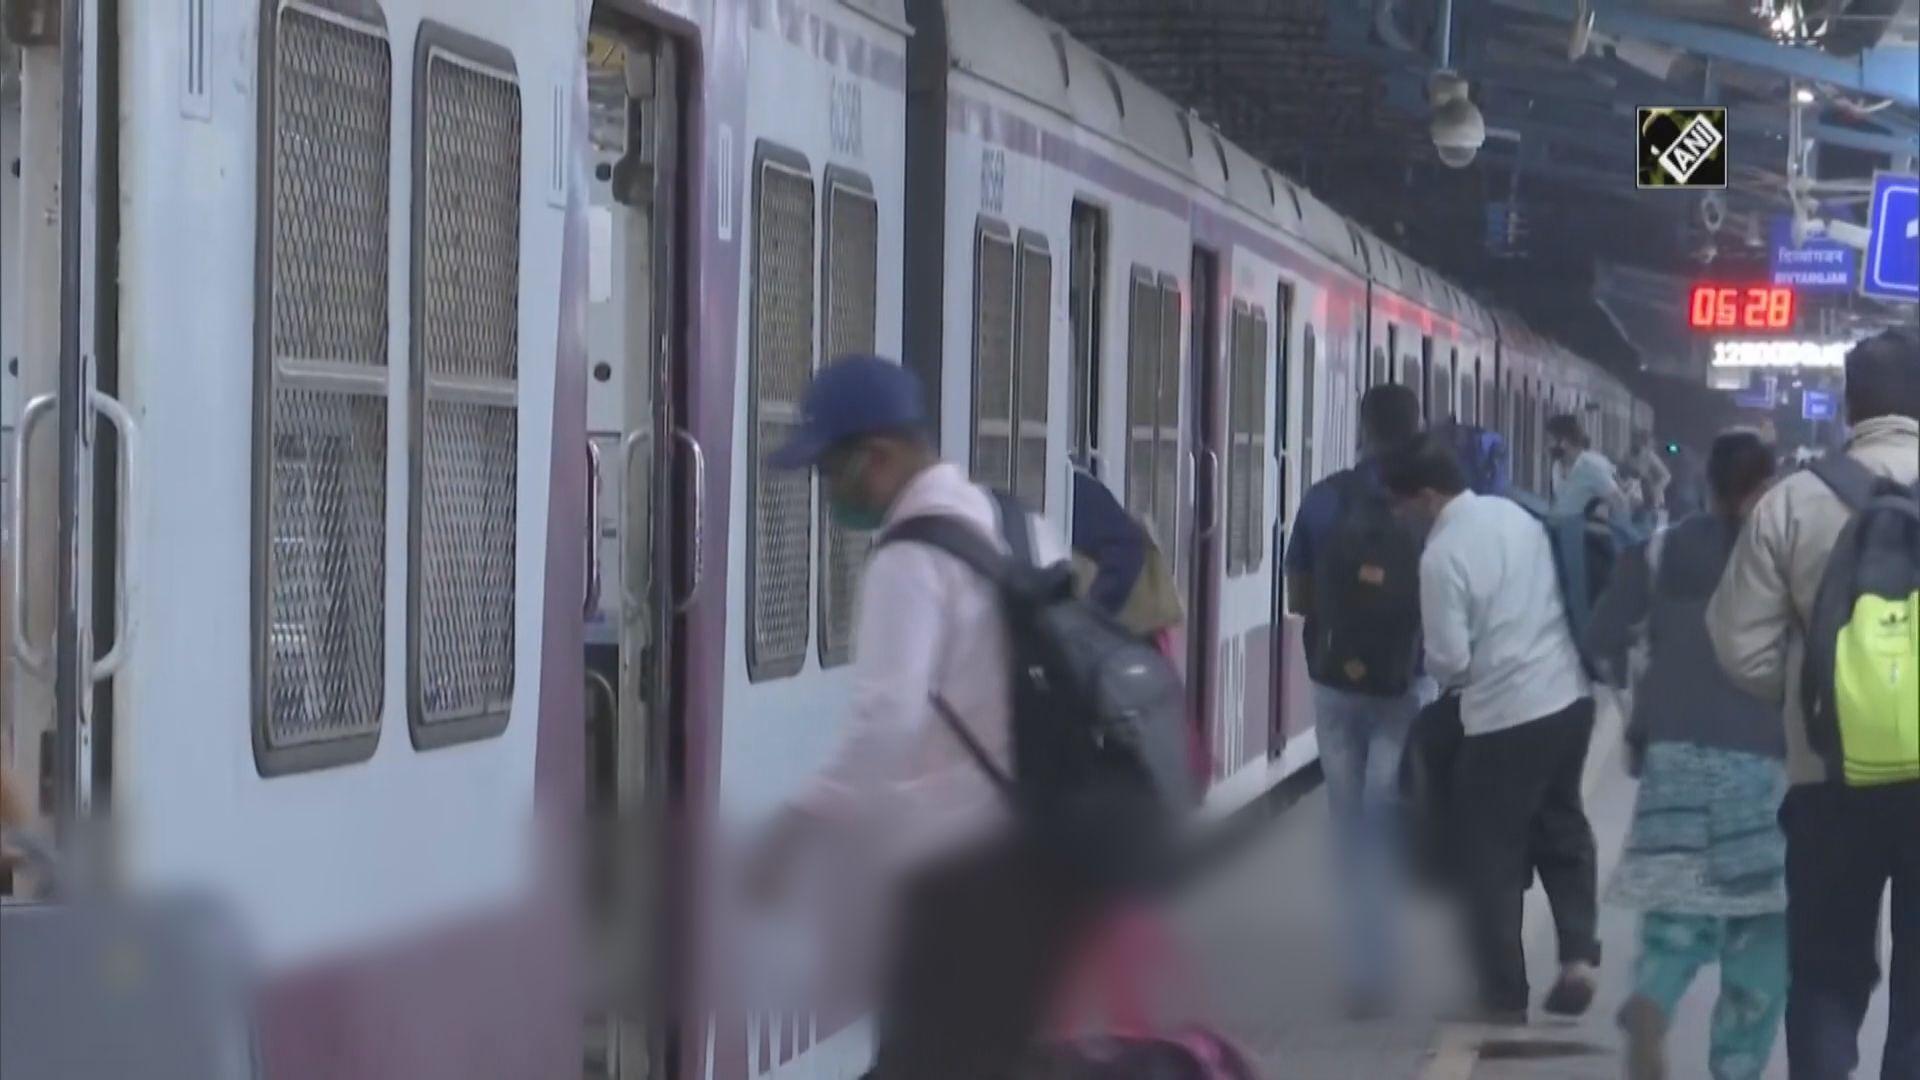 【環球薈報】孟買鐵路服務相隔十個月再准一般民眾使用